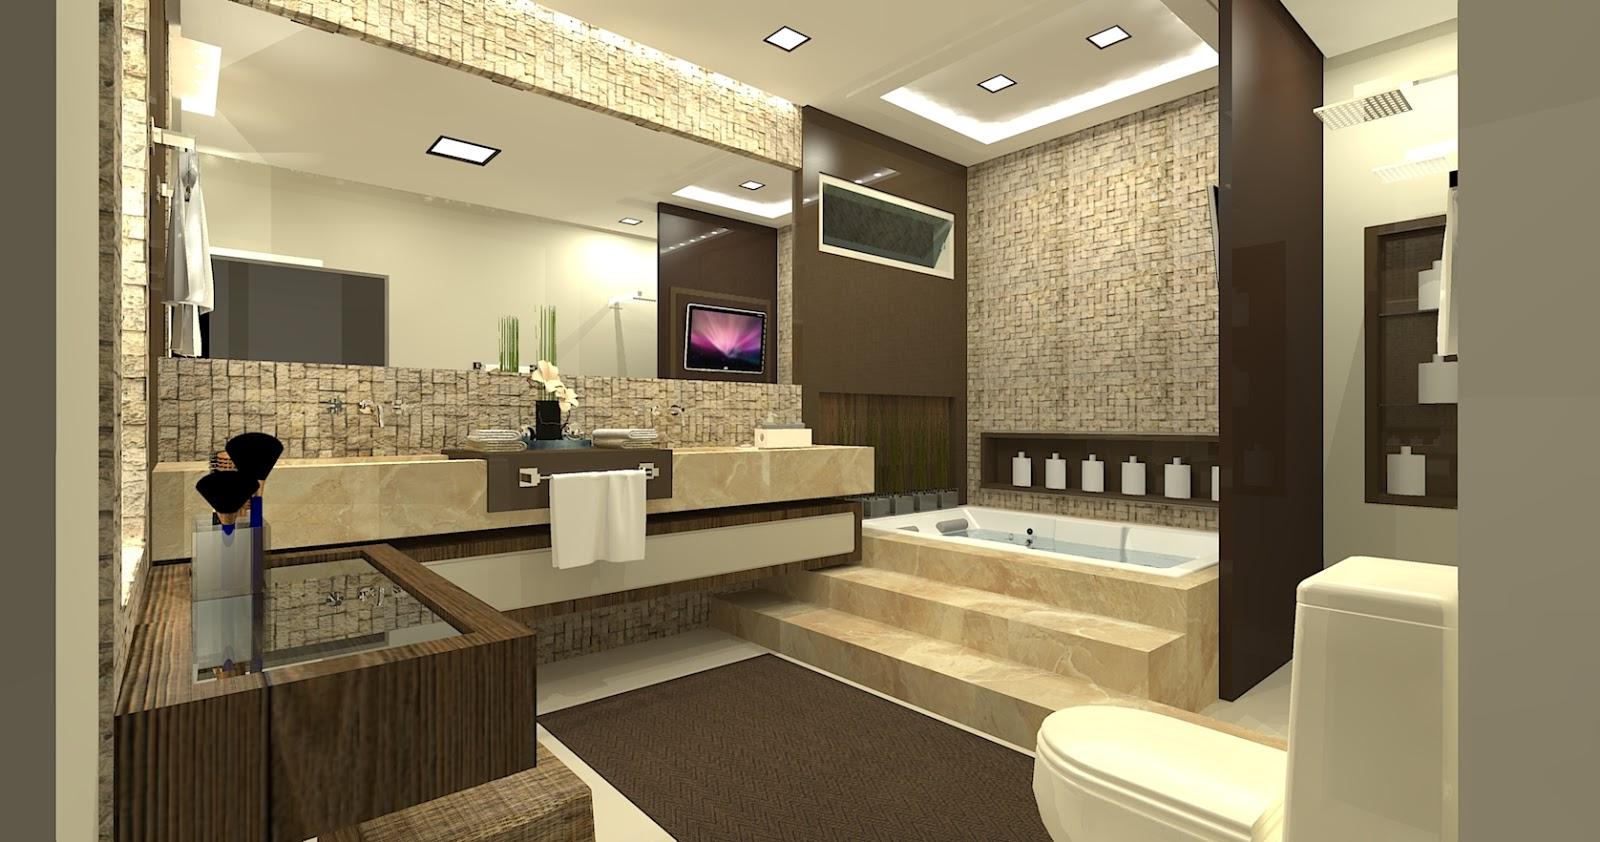 Imagens de #A92257 Iluminação em Nichos no Banheiro tijolosetecidos 1600x842 px 3564 Bbb No Banheiro 2014